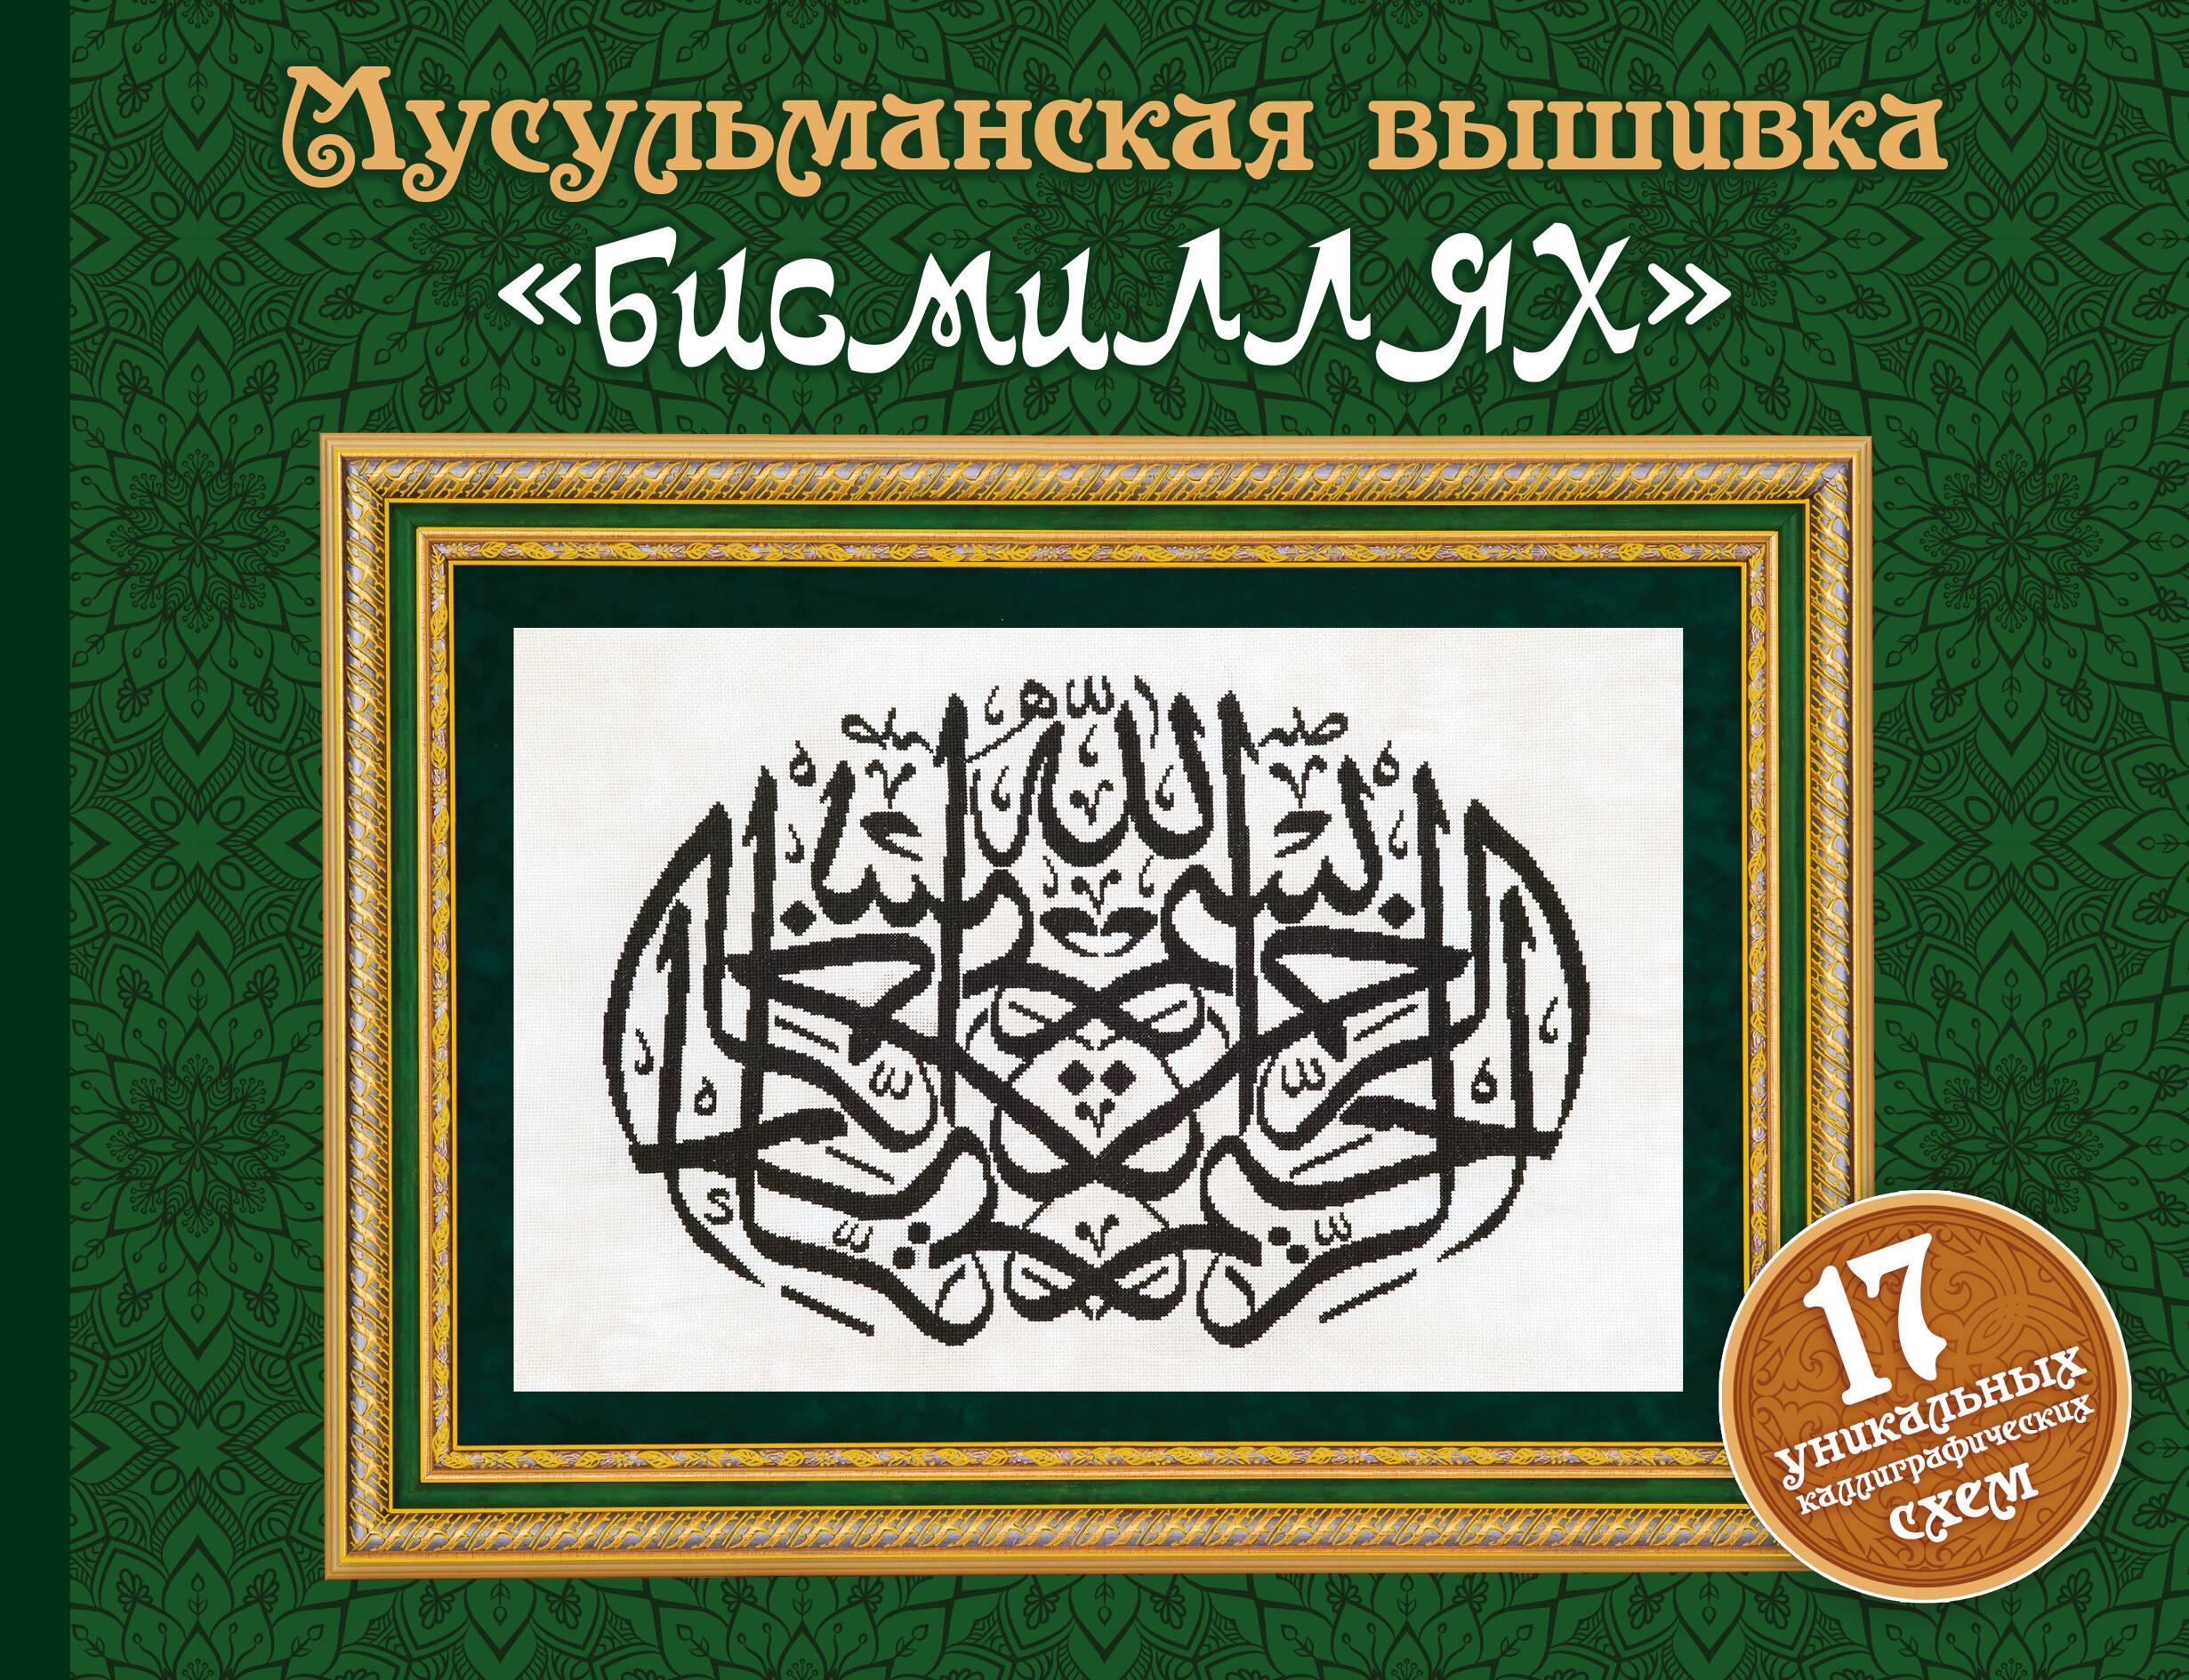 fb2 Мусульманская вышивка «бисмиллях»